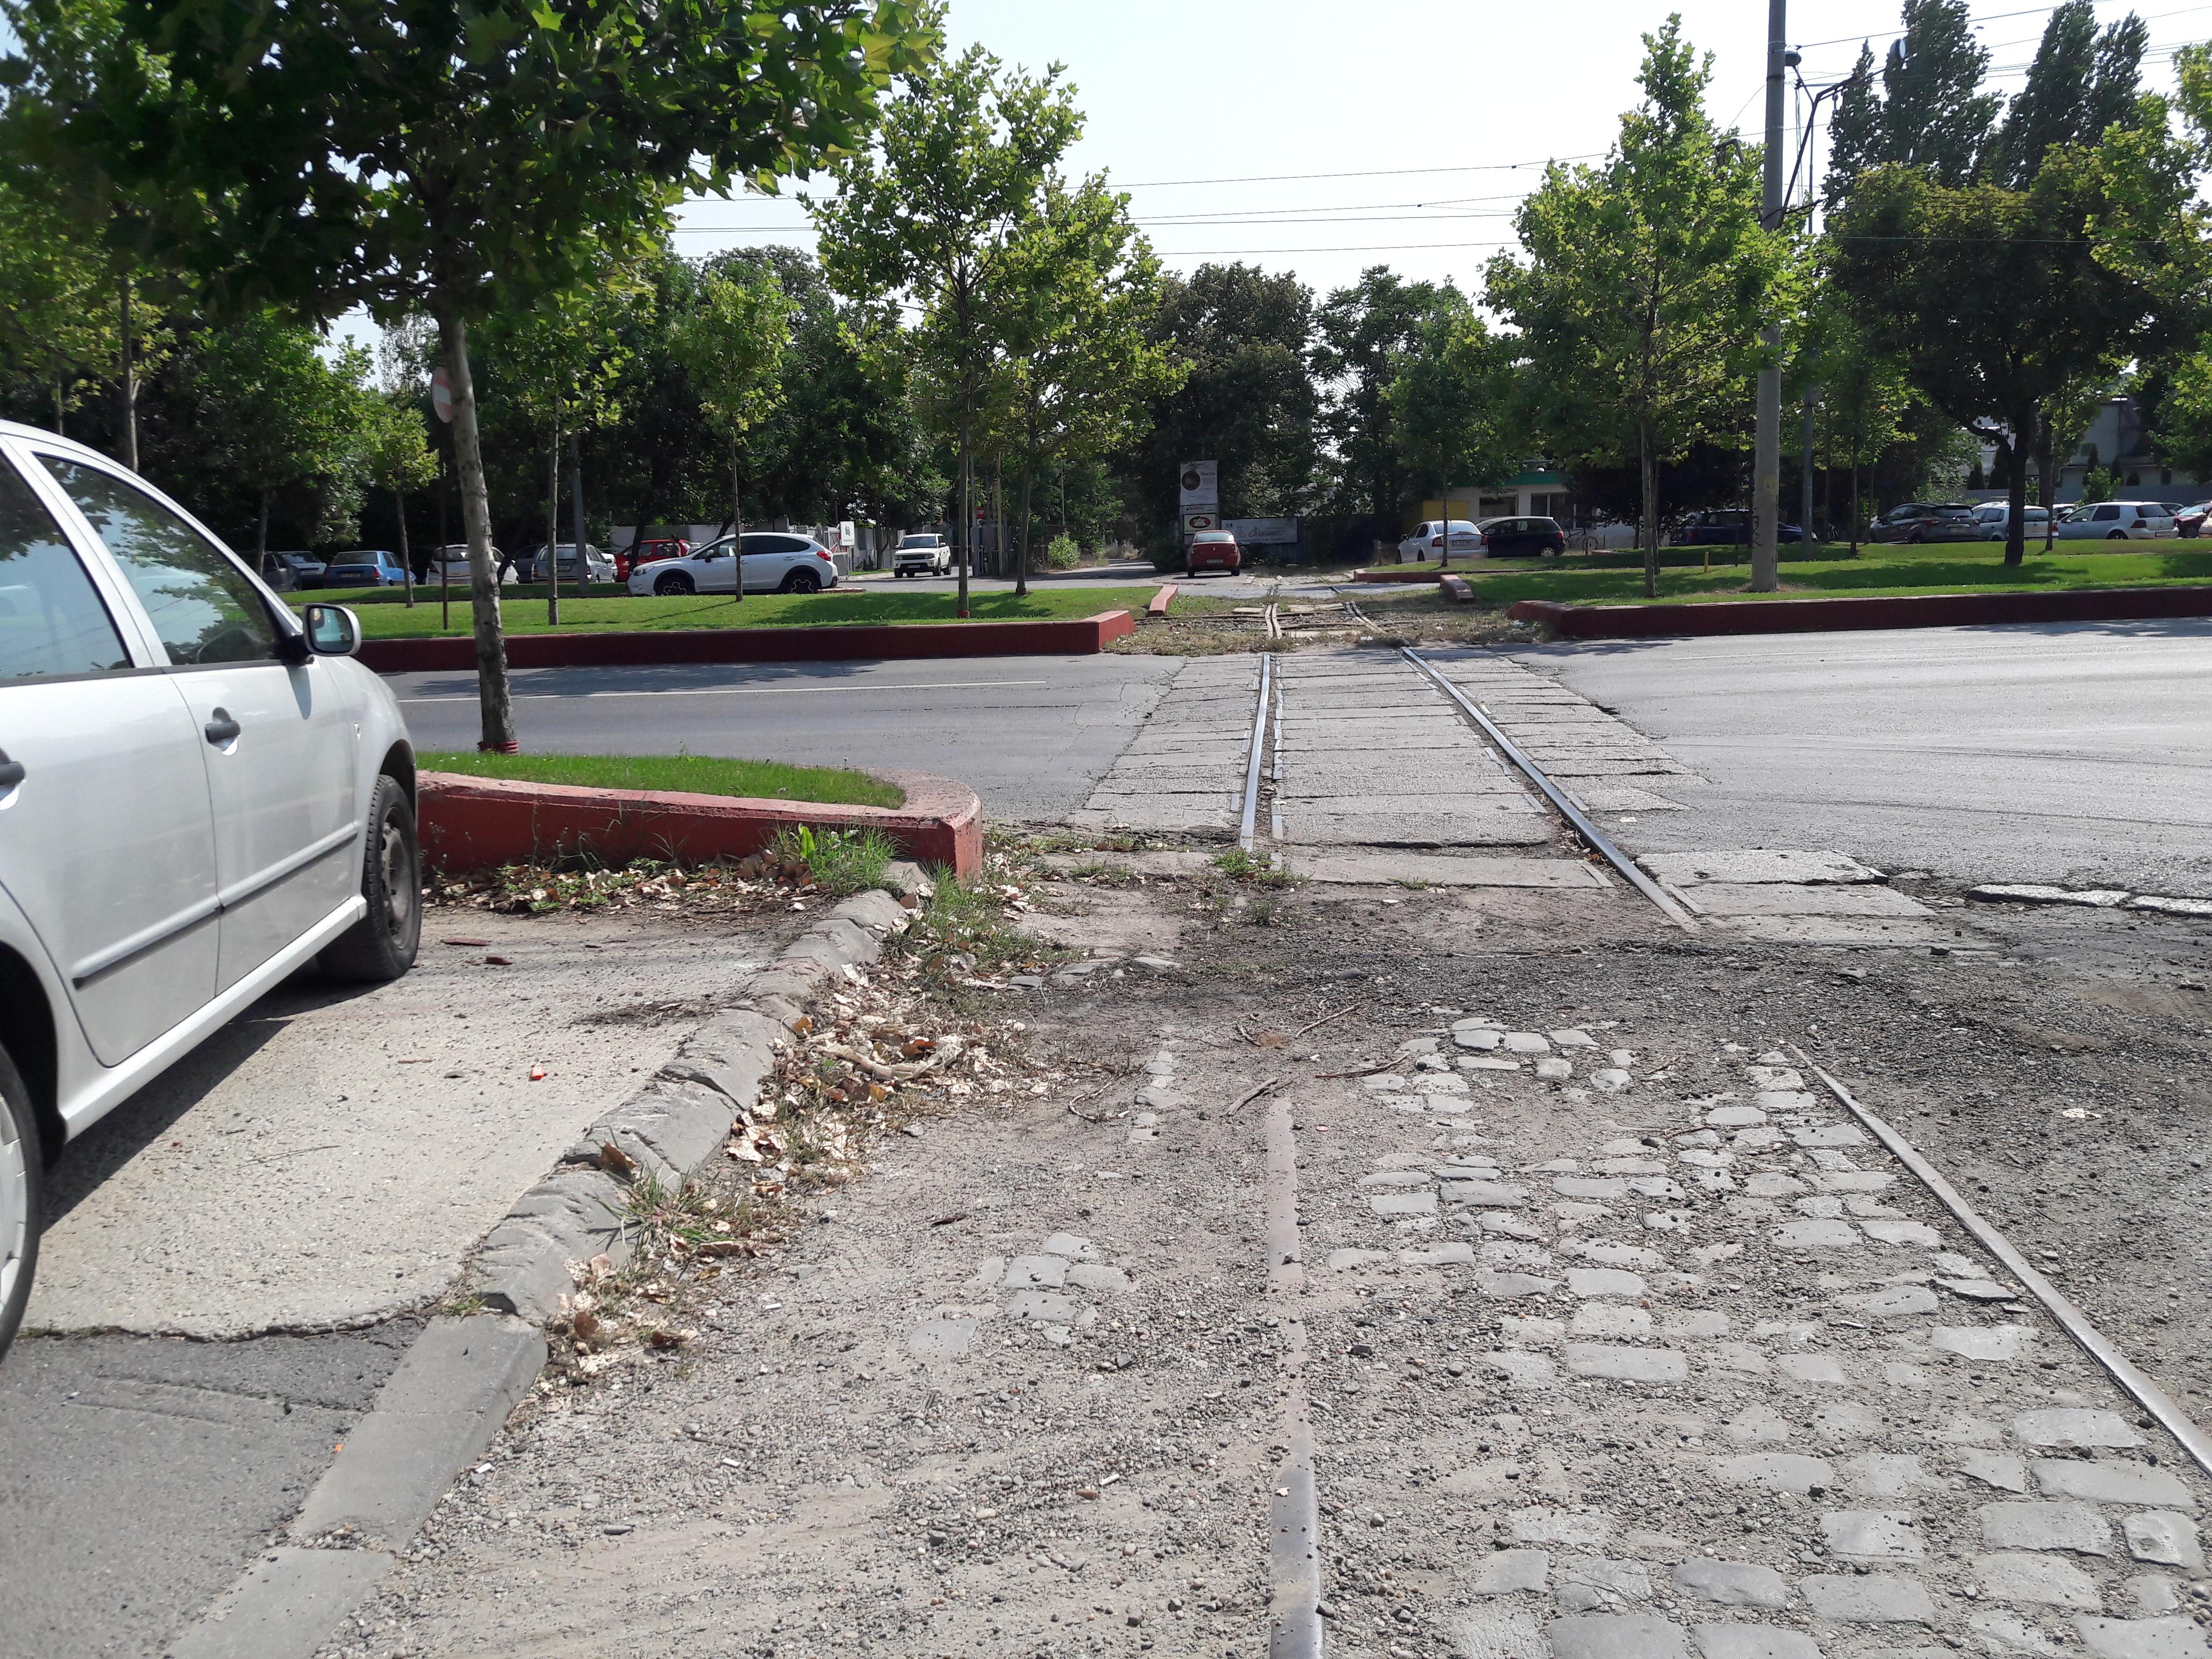 Linii industriale in Bucuresti! 20170808_154843